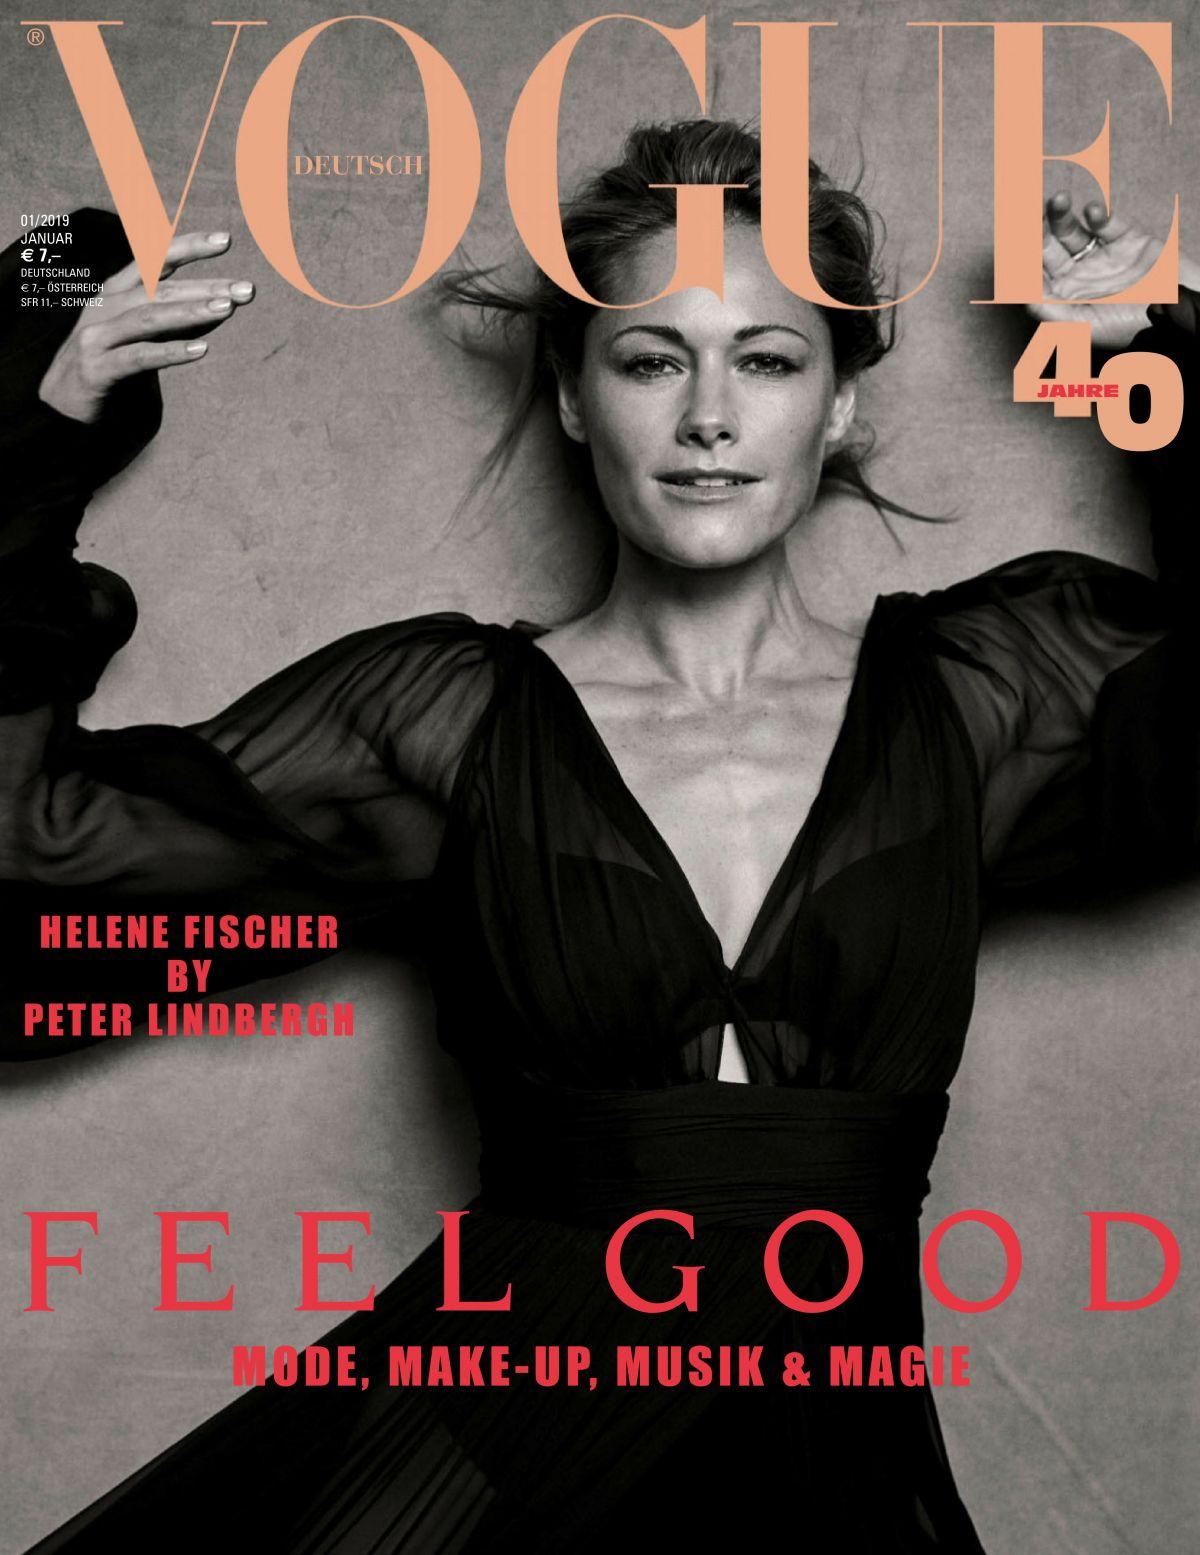 Helene Fischer Vogue